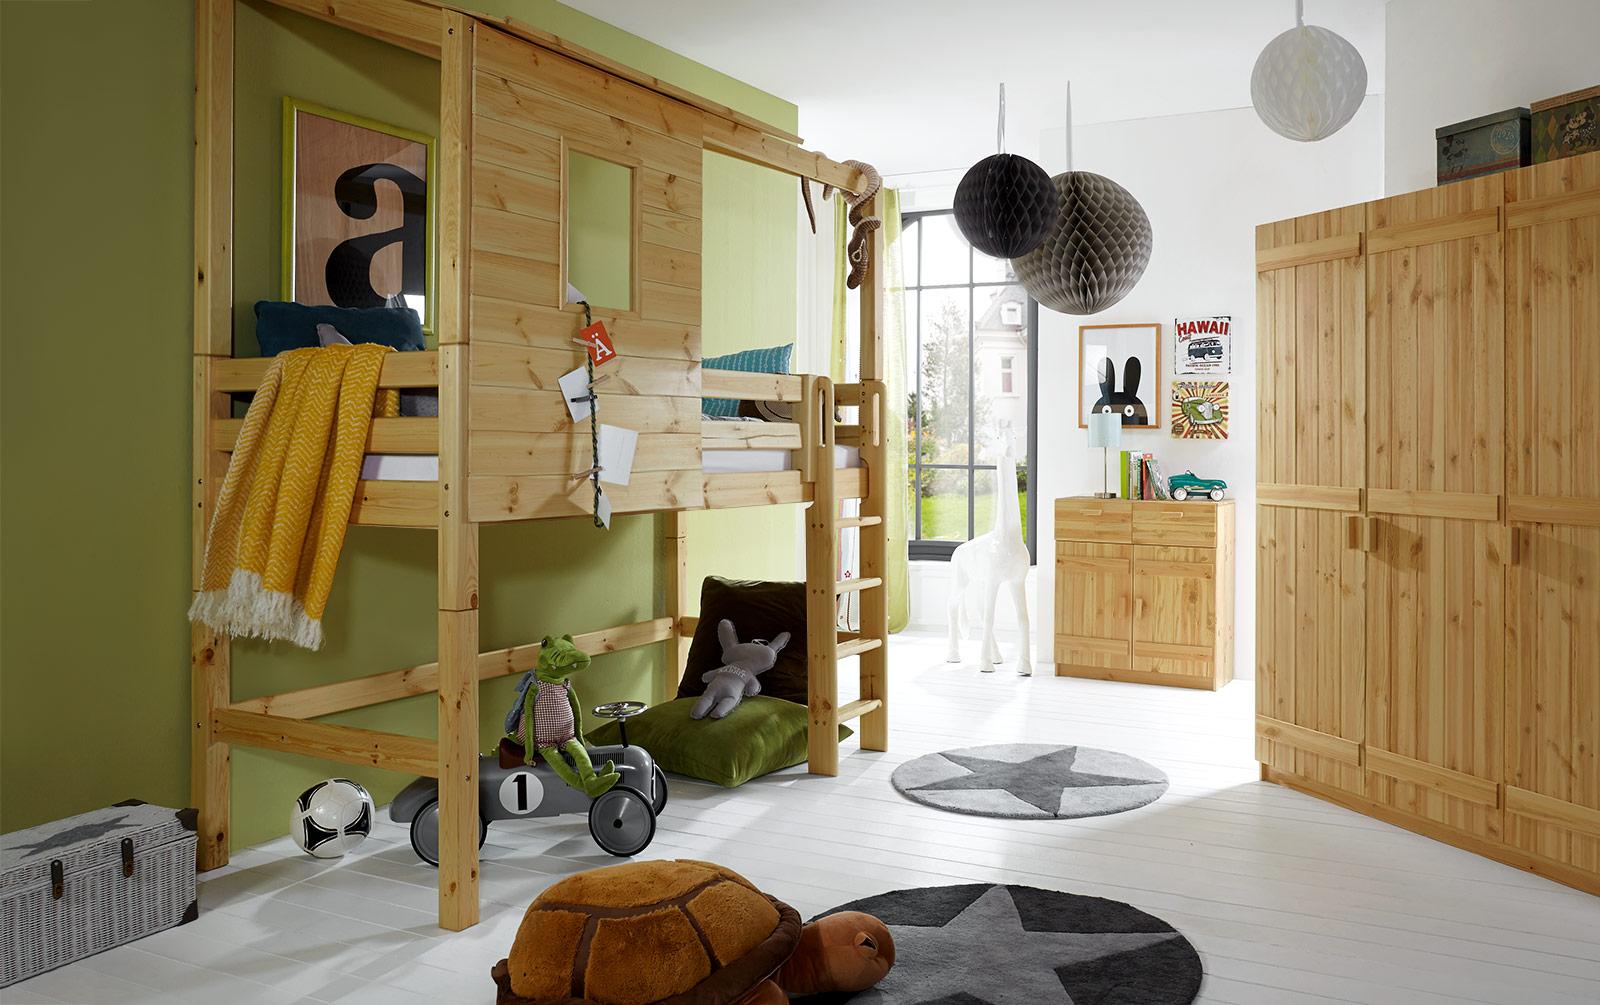 Abenteuer-Hochbett Kids Paradise in geölter Kiefer mit gerader Leiter, 140cm